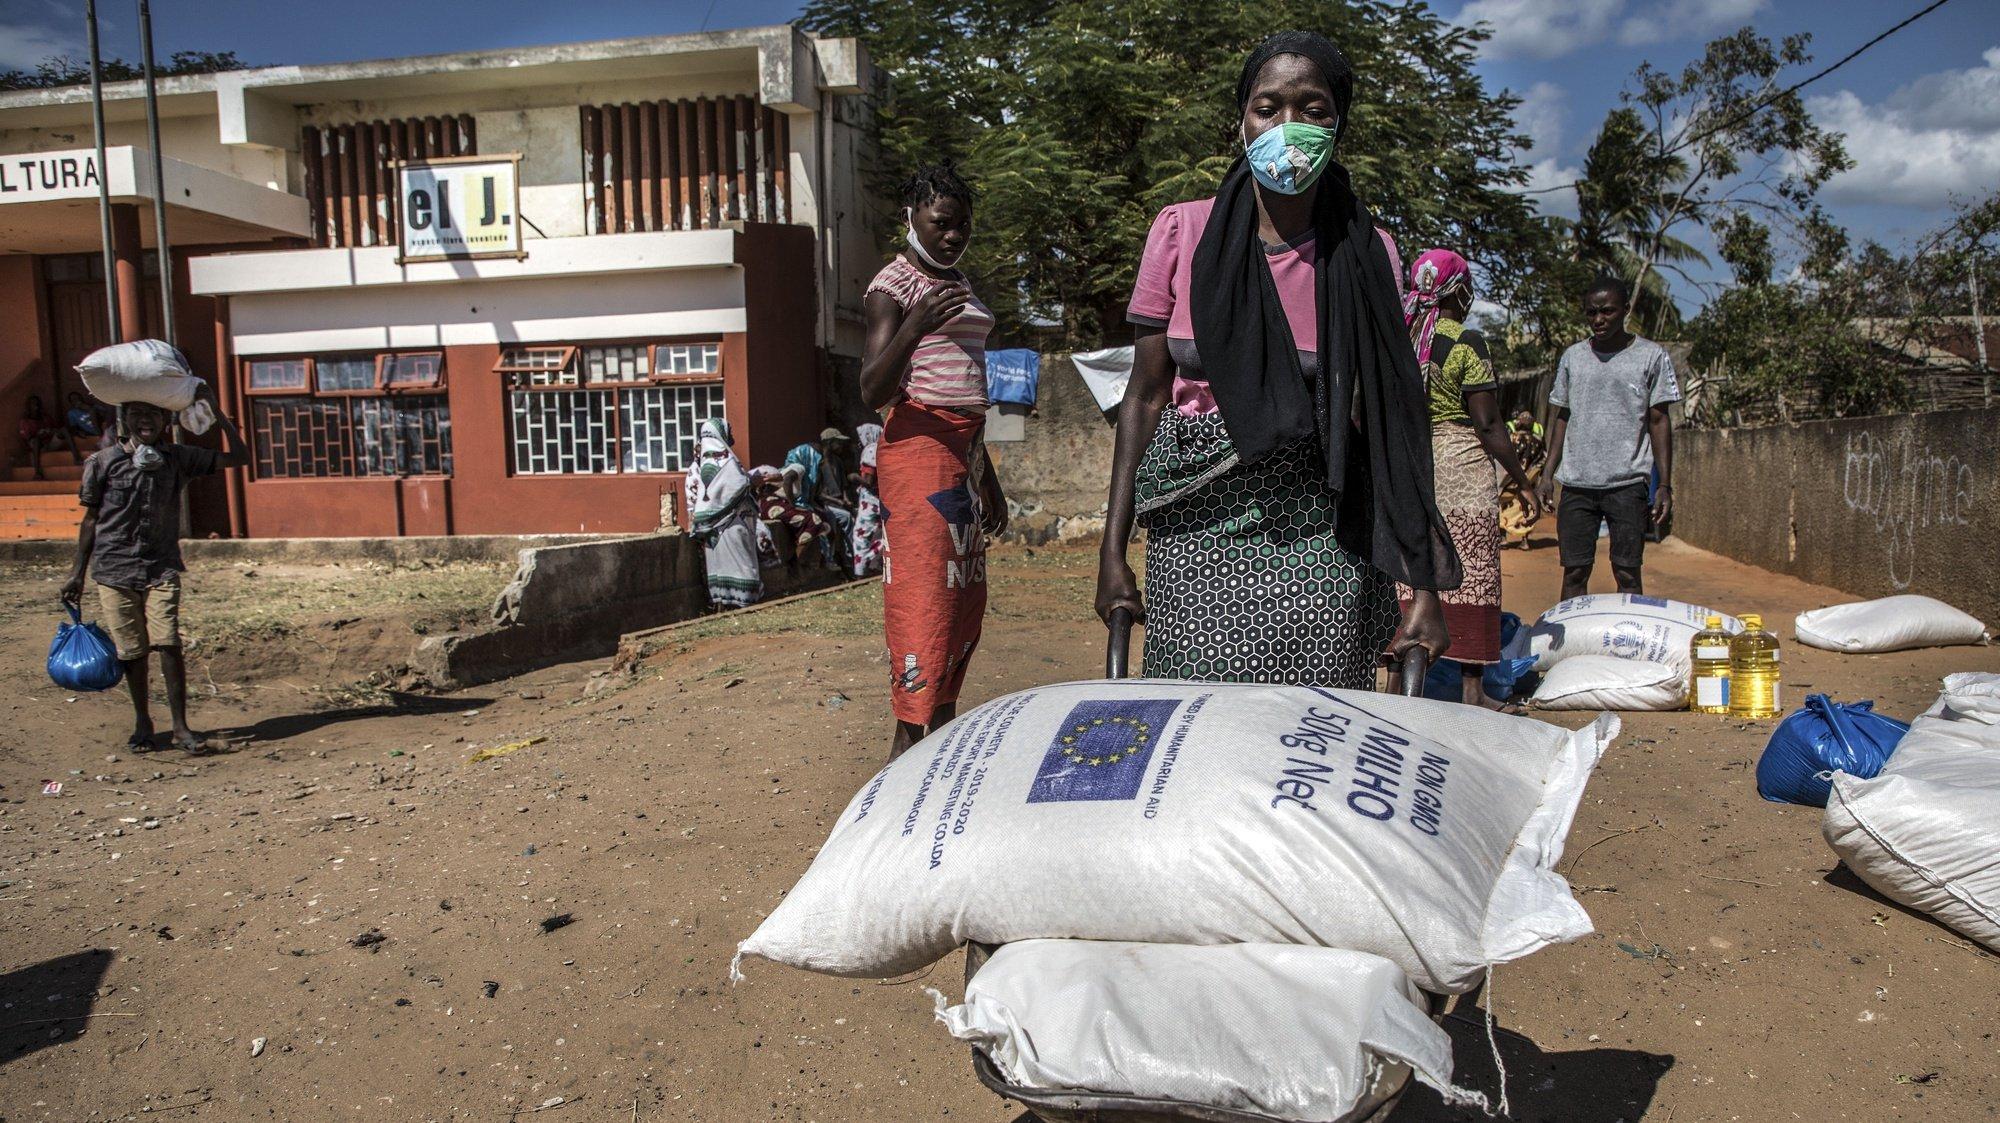 Mulheres recebem o apoio alimentar de emergência do Programa Alimentar Mundial (PAM) a deslocados pela violência armada em Cabo Delgado, em Pemba, Mocambique, 24 de julho 2020. Há 250.000 pessoas afetadas e Pemba é o porto seguro de muitos, em casas de familiares e amigos que de repente passaram a acolher mais de dez, às vezes 20 ou trinta pessoas. (ACOMPANHA TEXTO DE 27 DE JULHO DE 2020). RICARDO FRANCO/LUSA